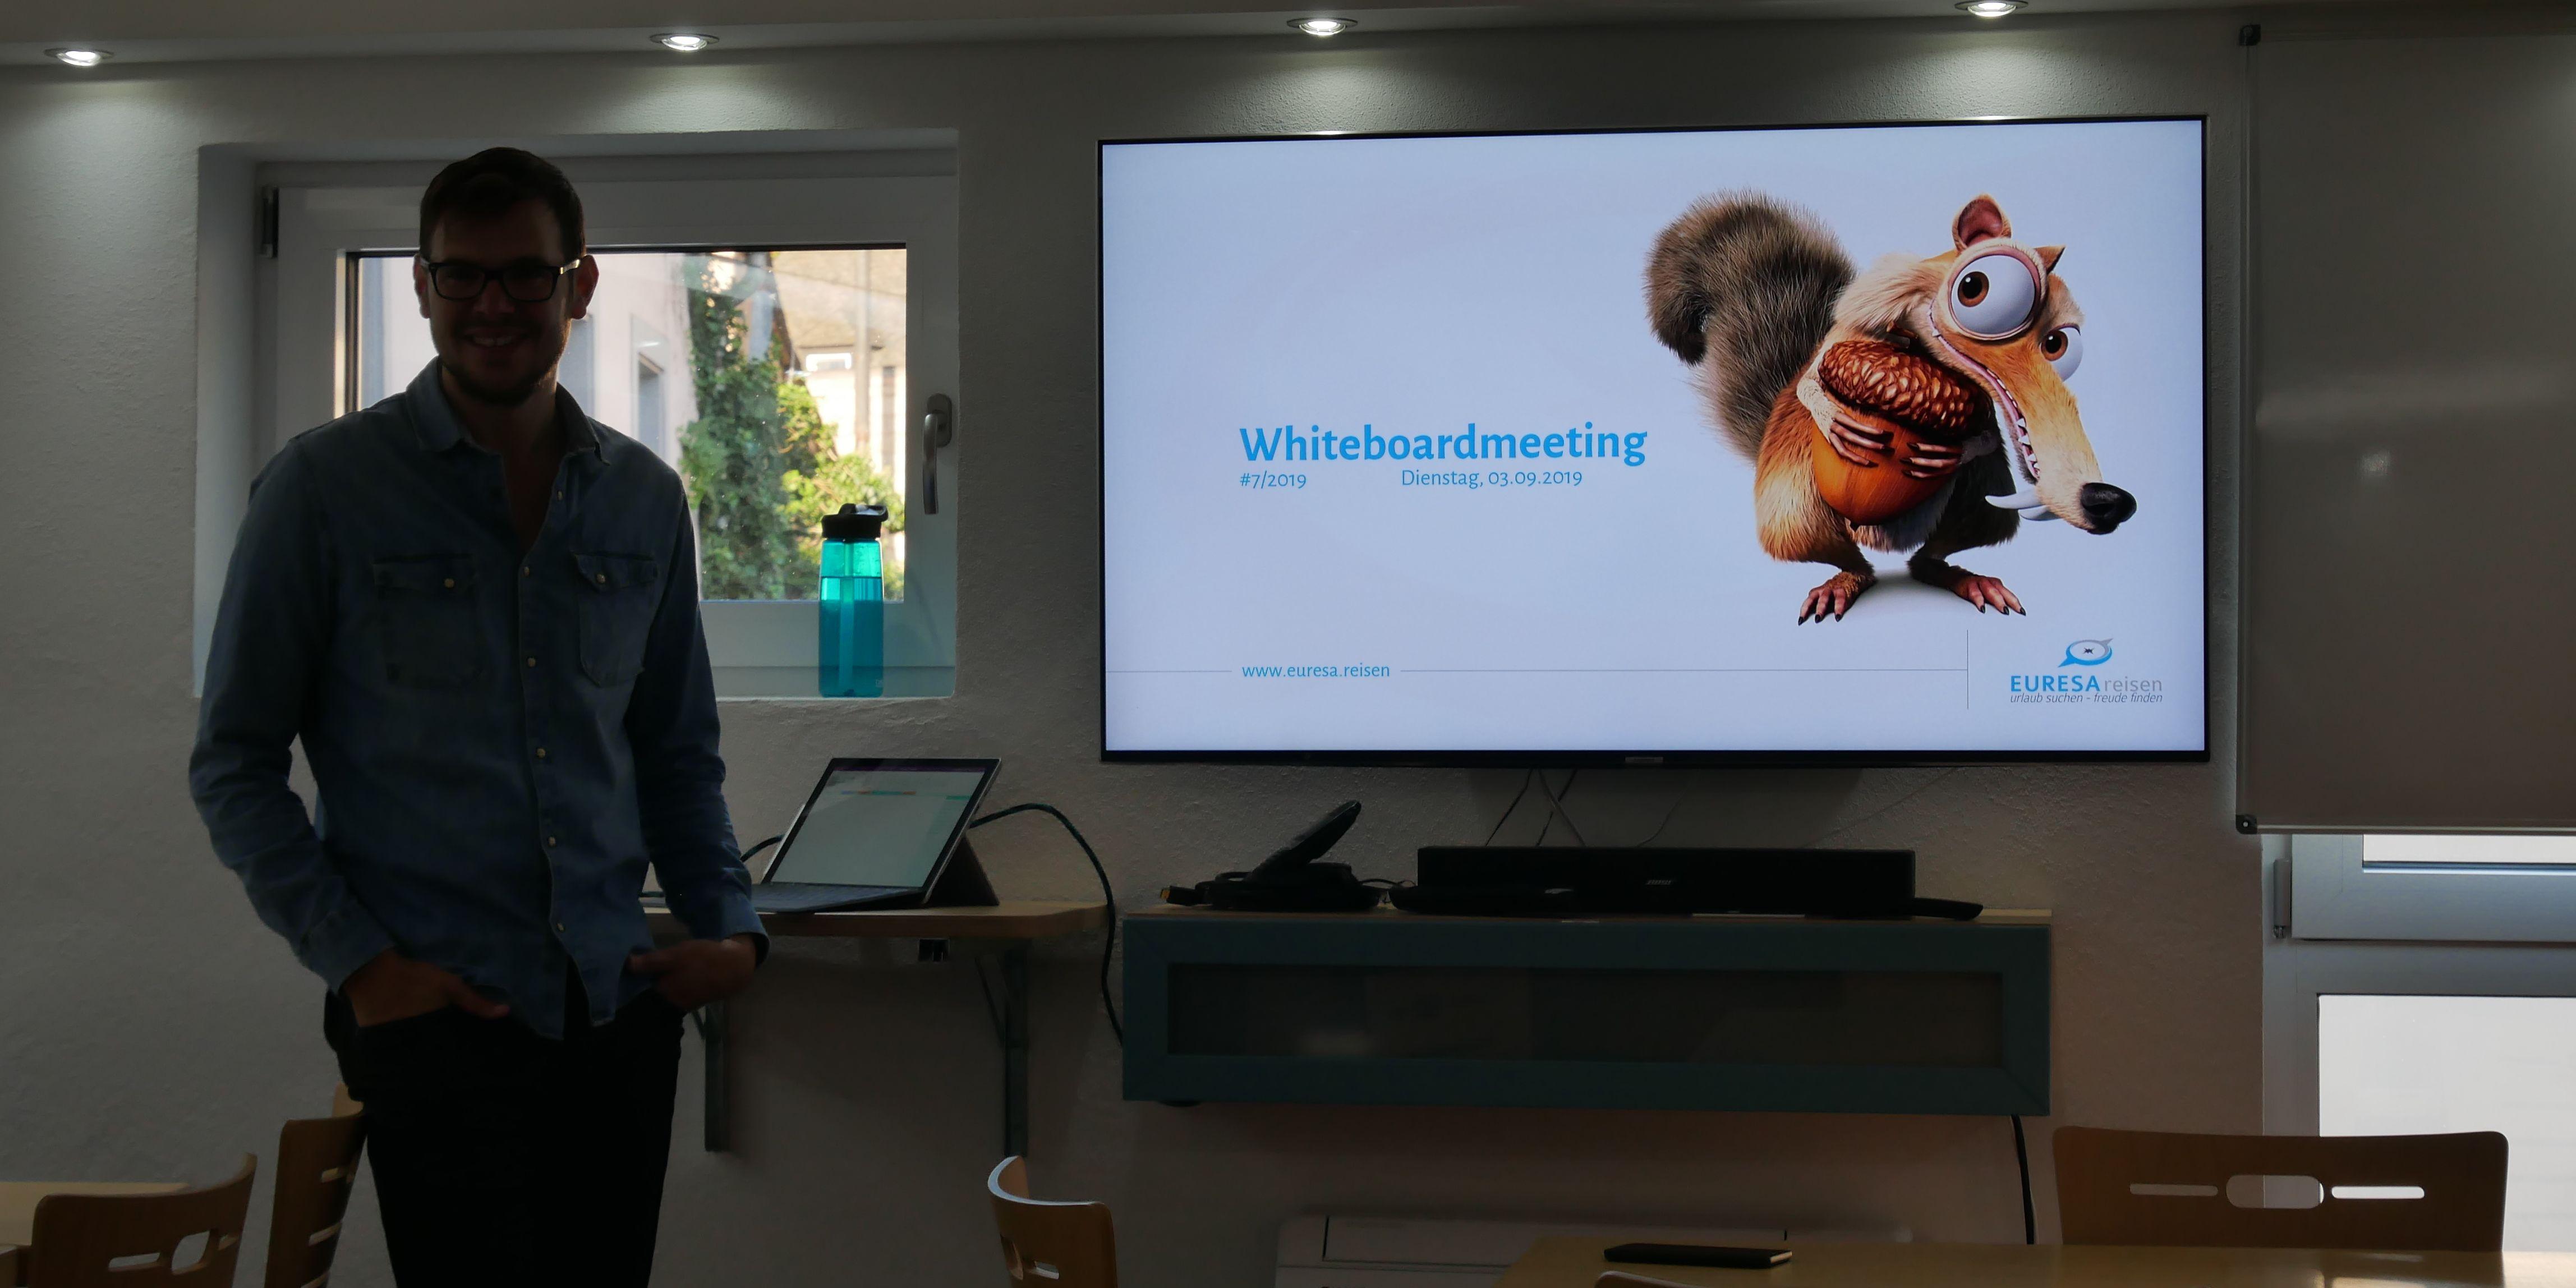 Whiteboardmeeting